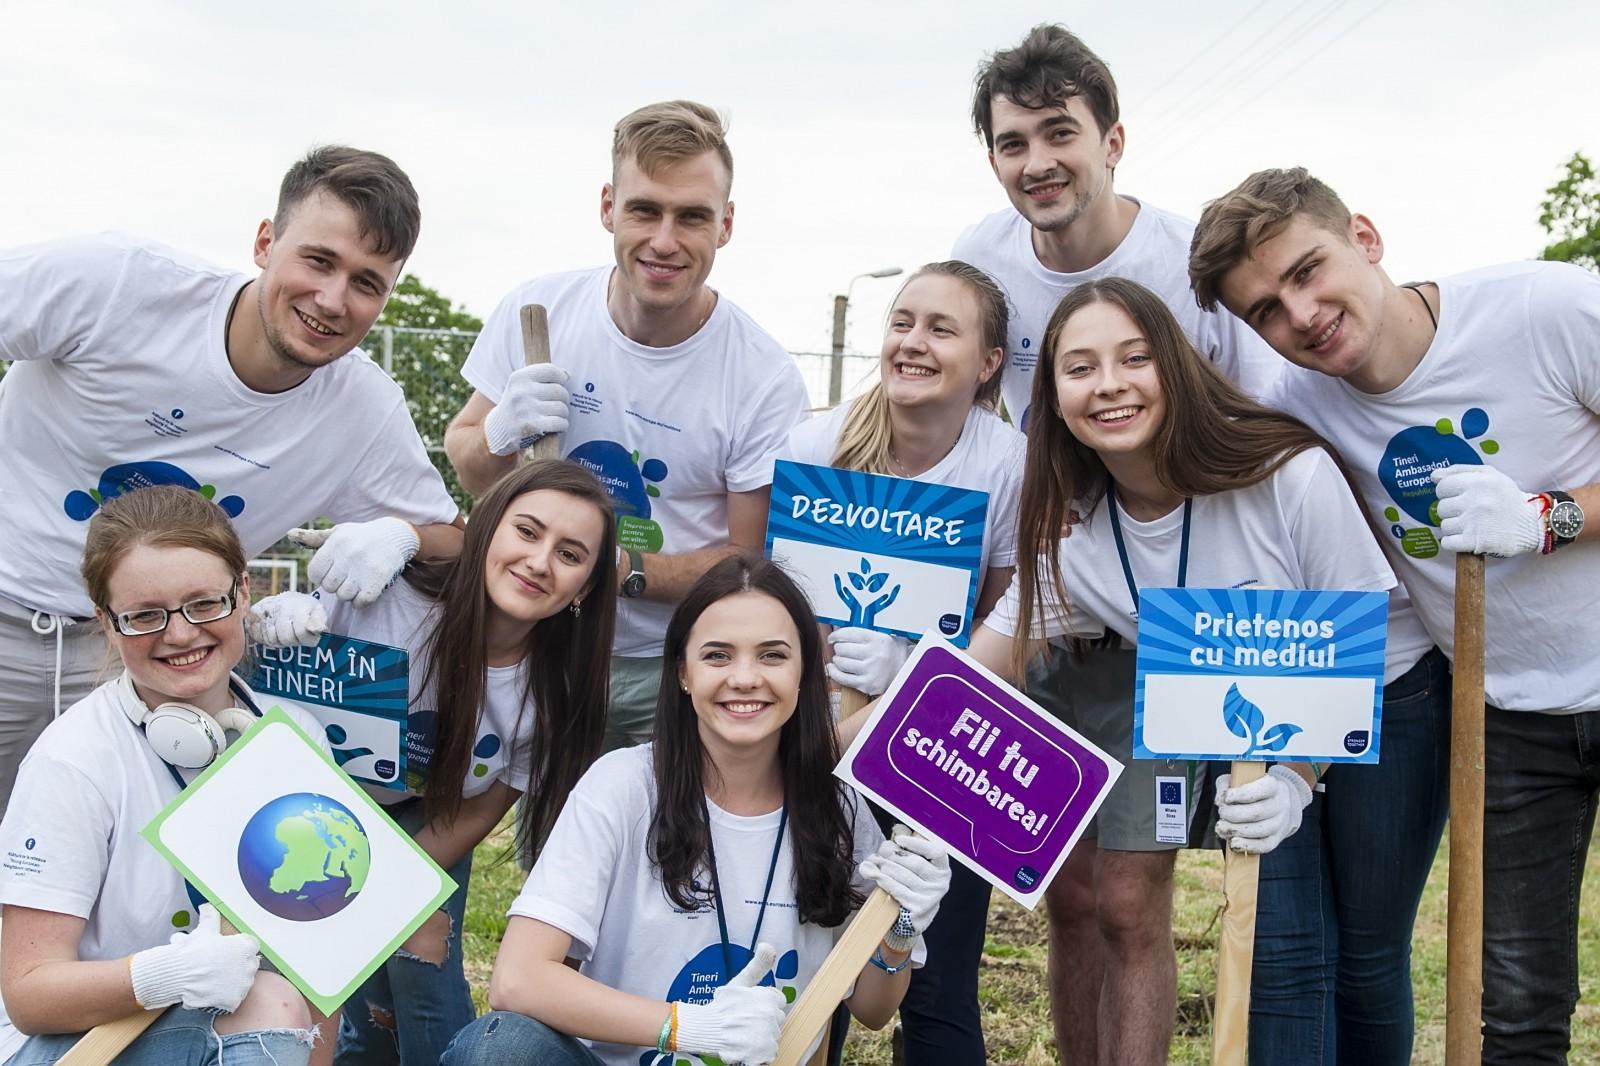 Împreună pentru mediu: Alăturați-vă Tinerilor Ambasadori Europeni la evenimentul de plantare a trandafirilor în satul Pojăreni, raionul Ialoveni